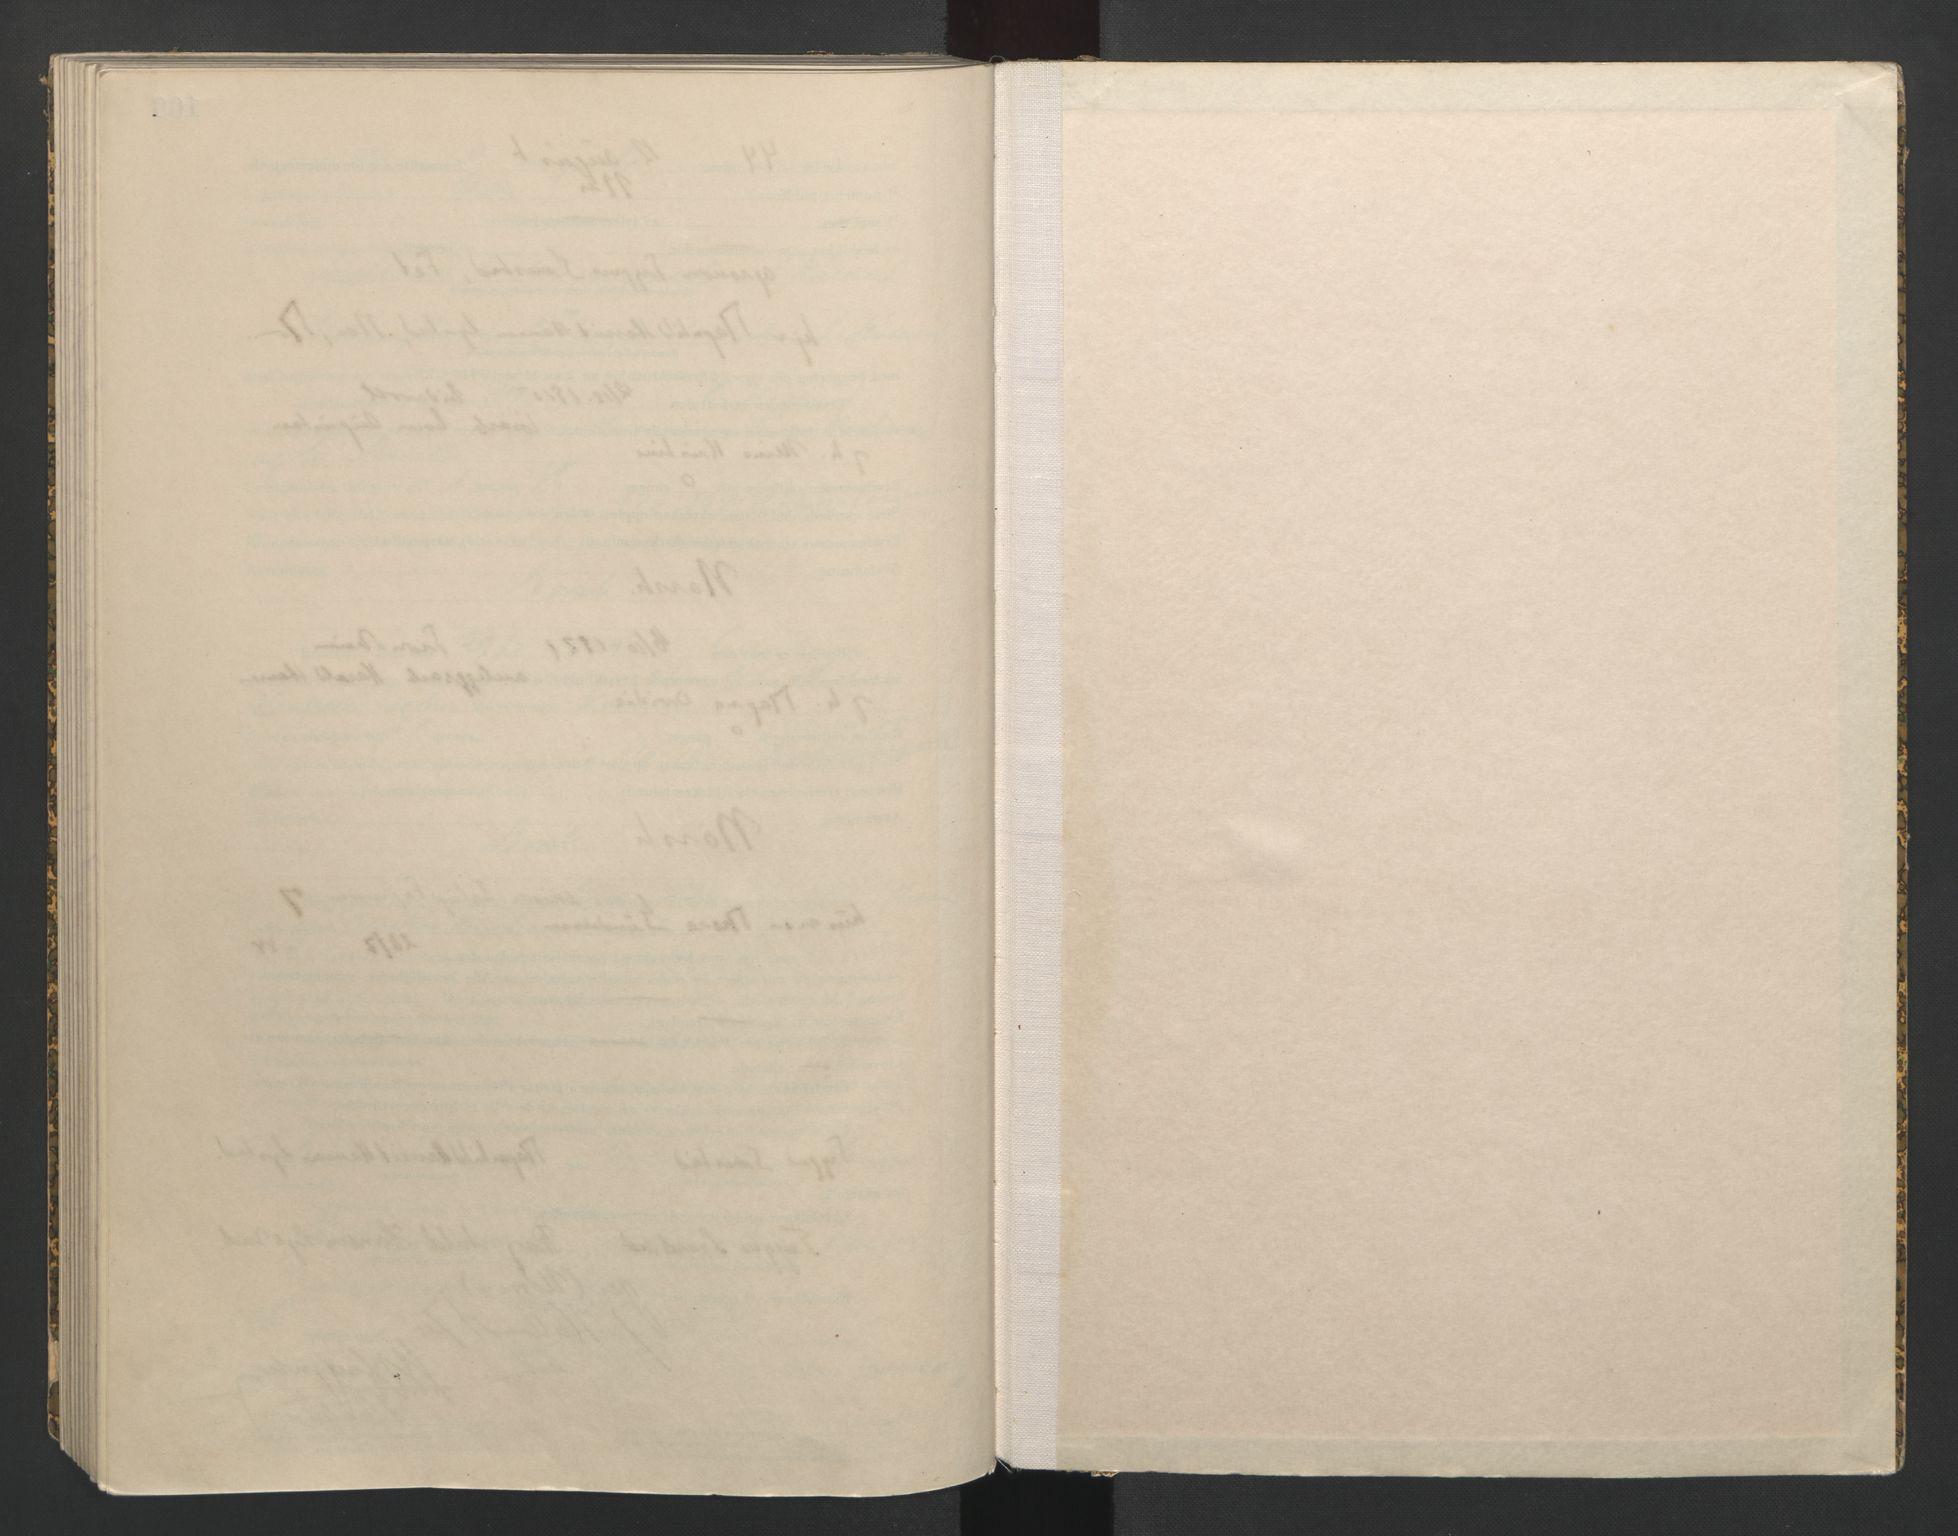 SAO, Nes tingrett, L/Lc/Lca/L0002: Vigselbok, 1943-1944, s. upaginert